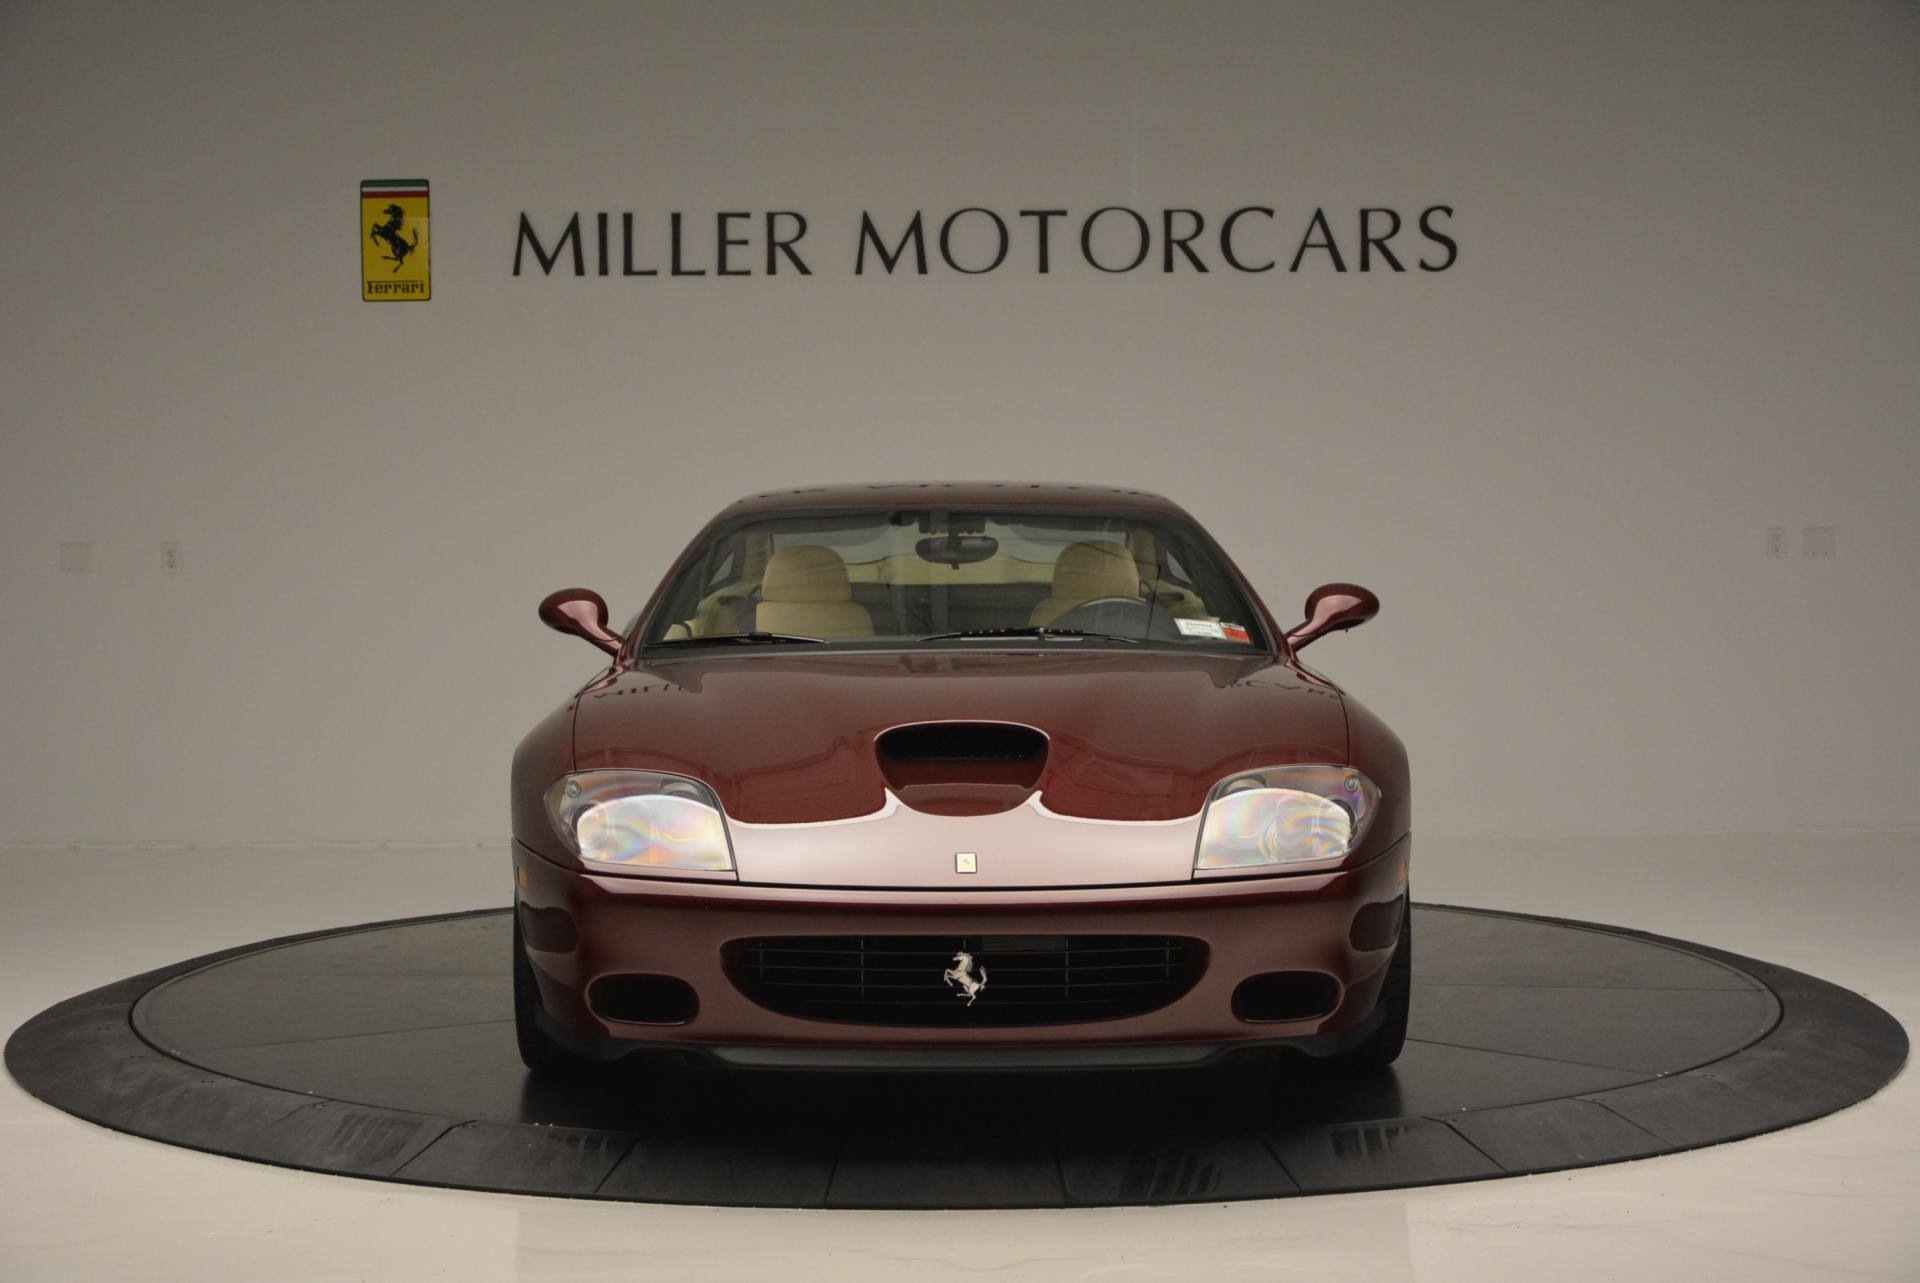 Used 2003 Ferrari 575M Maranello 6-Speed Manual For Sale In Westport, CT 143_p12